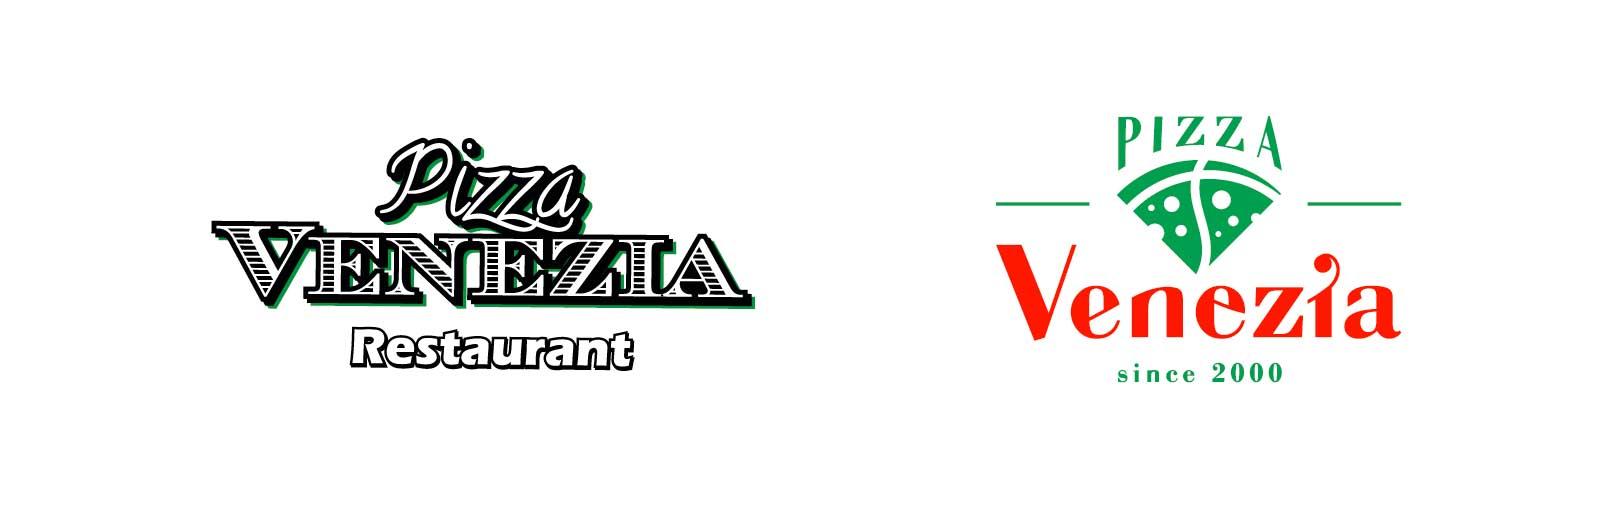 Logo pizza venezia pred a po redizajne